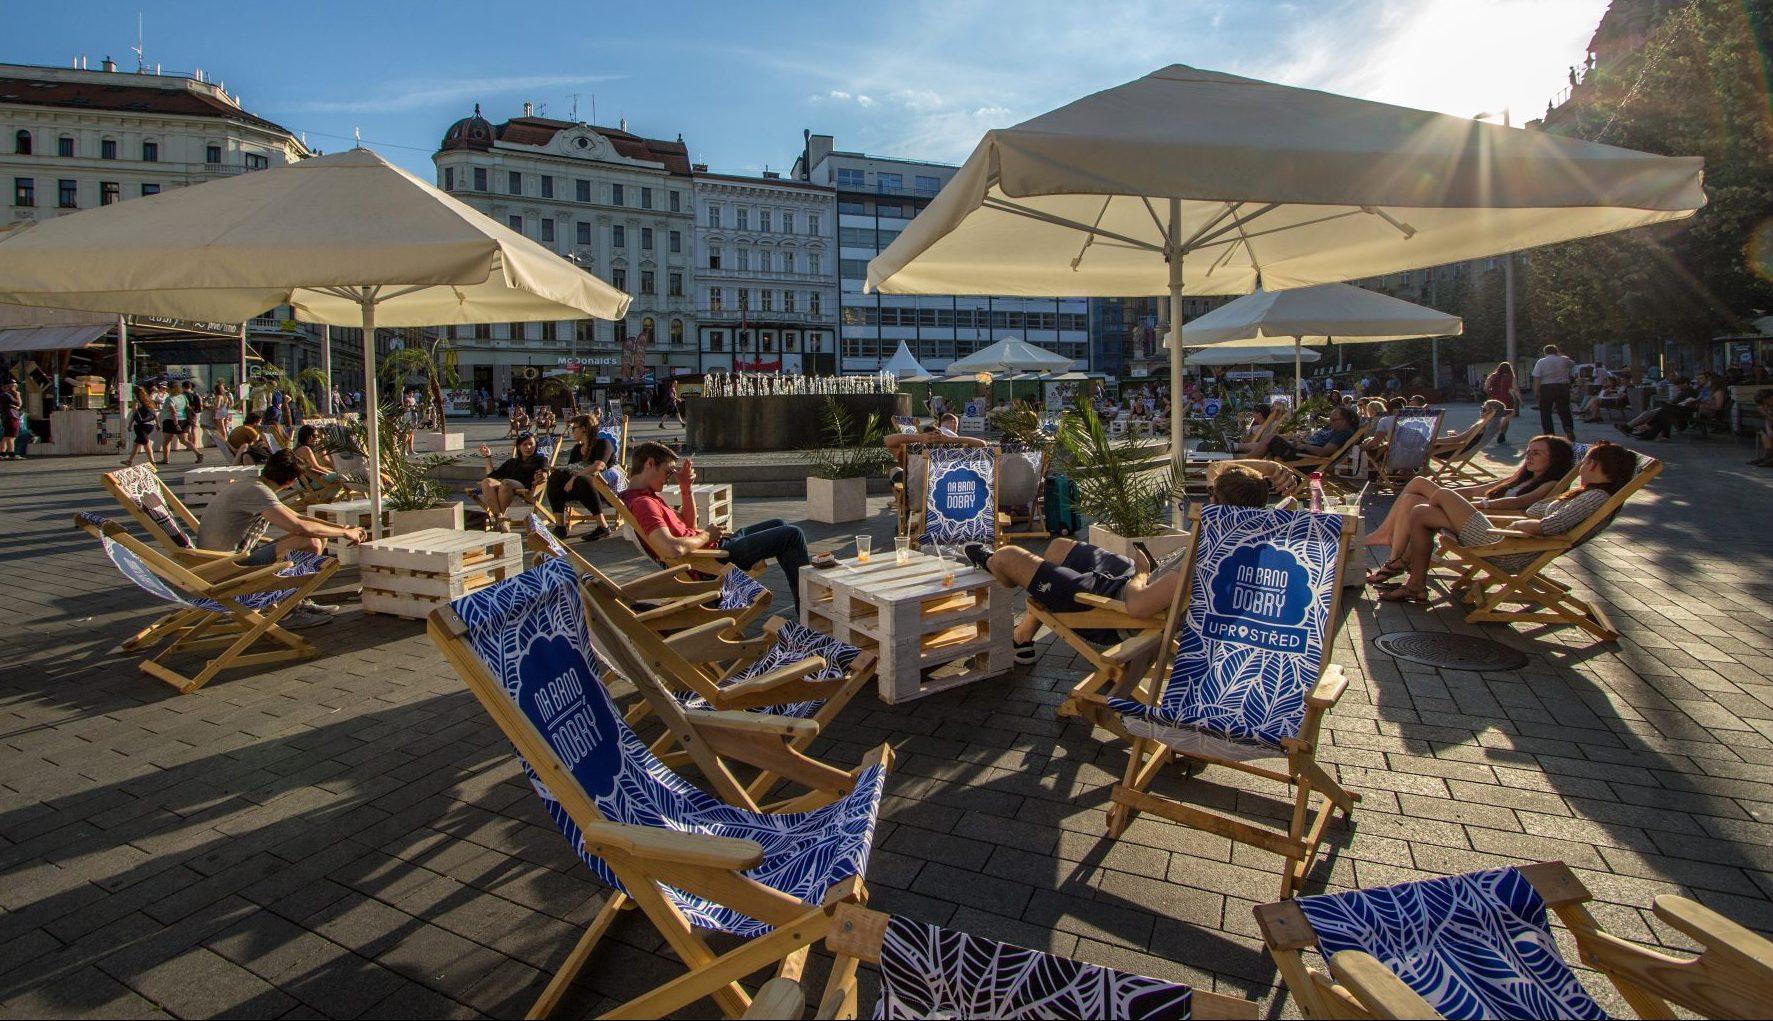 Freedom Square (náměstí Svobody) in Brno in summer.